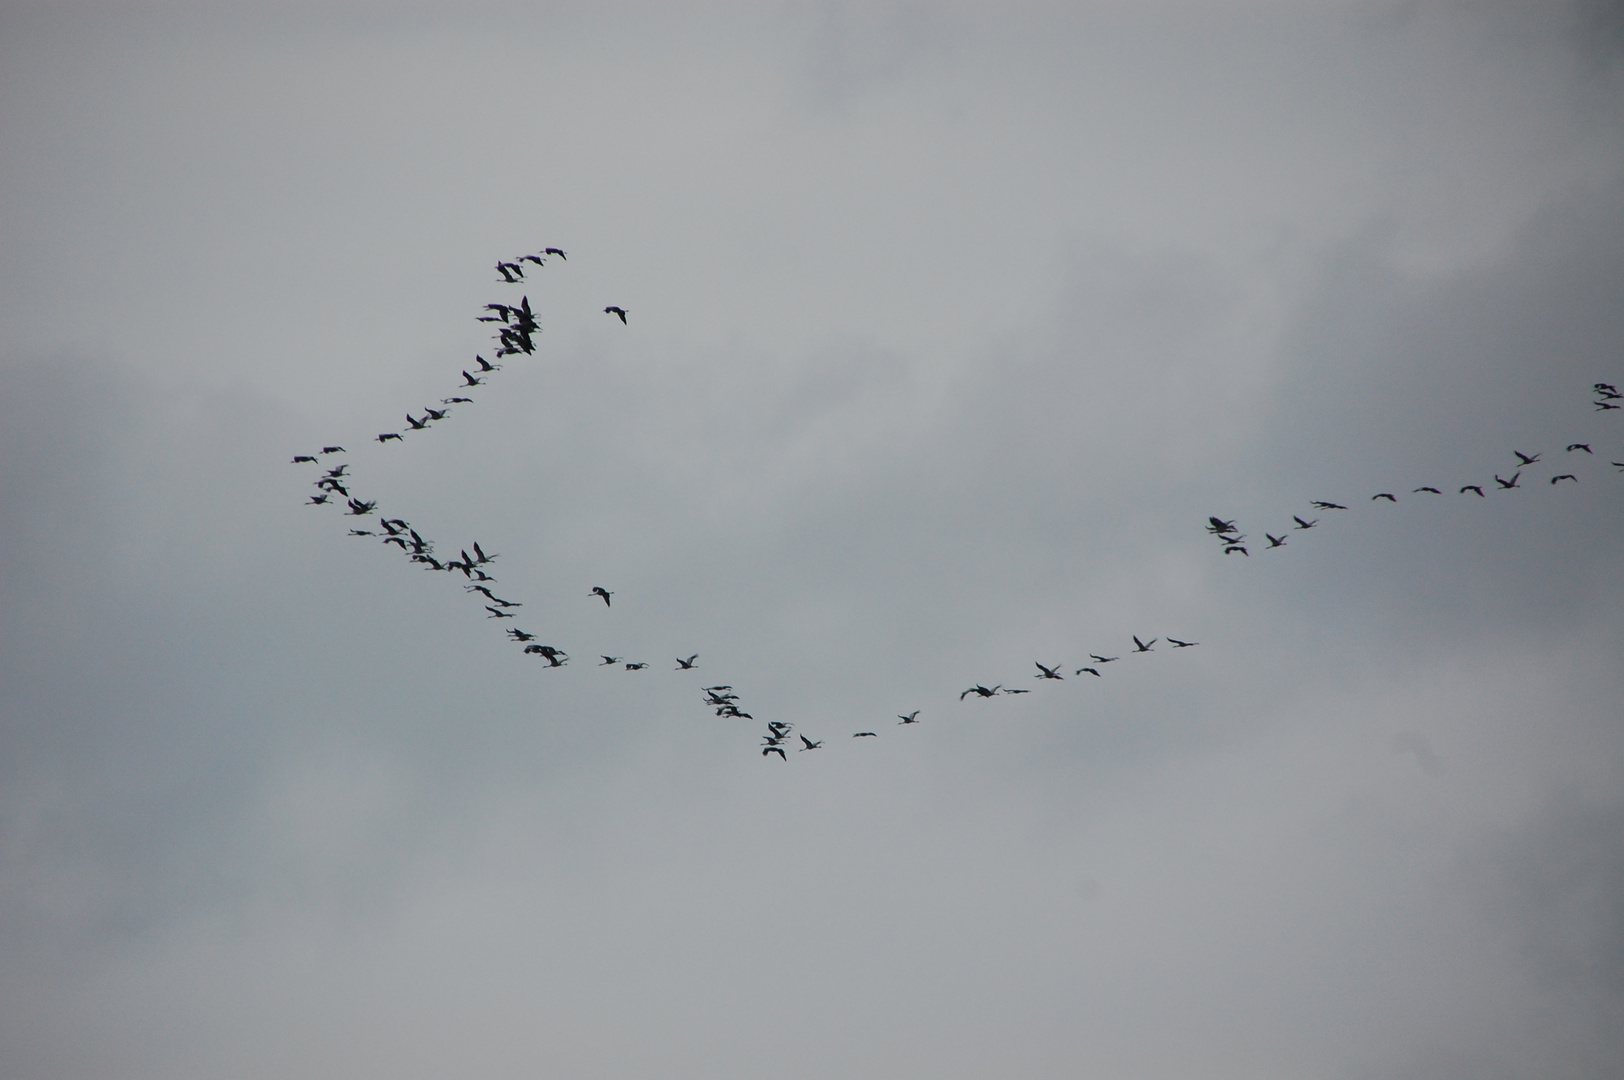 Kraniche oder Wildgänse? - eben durchs Kinzigtal geflogen